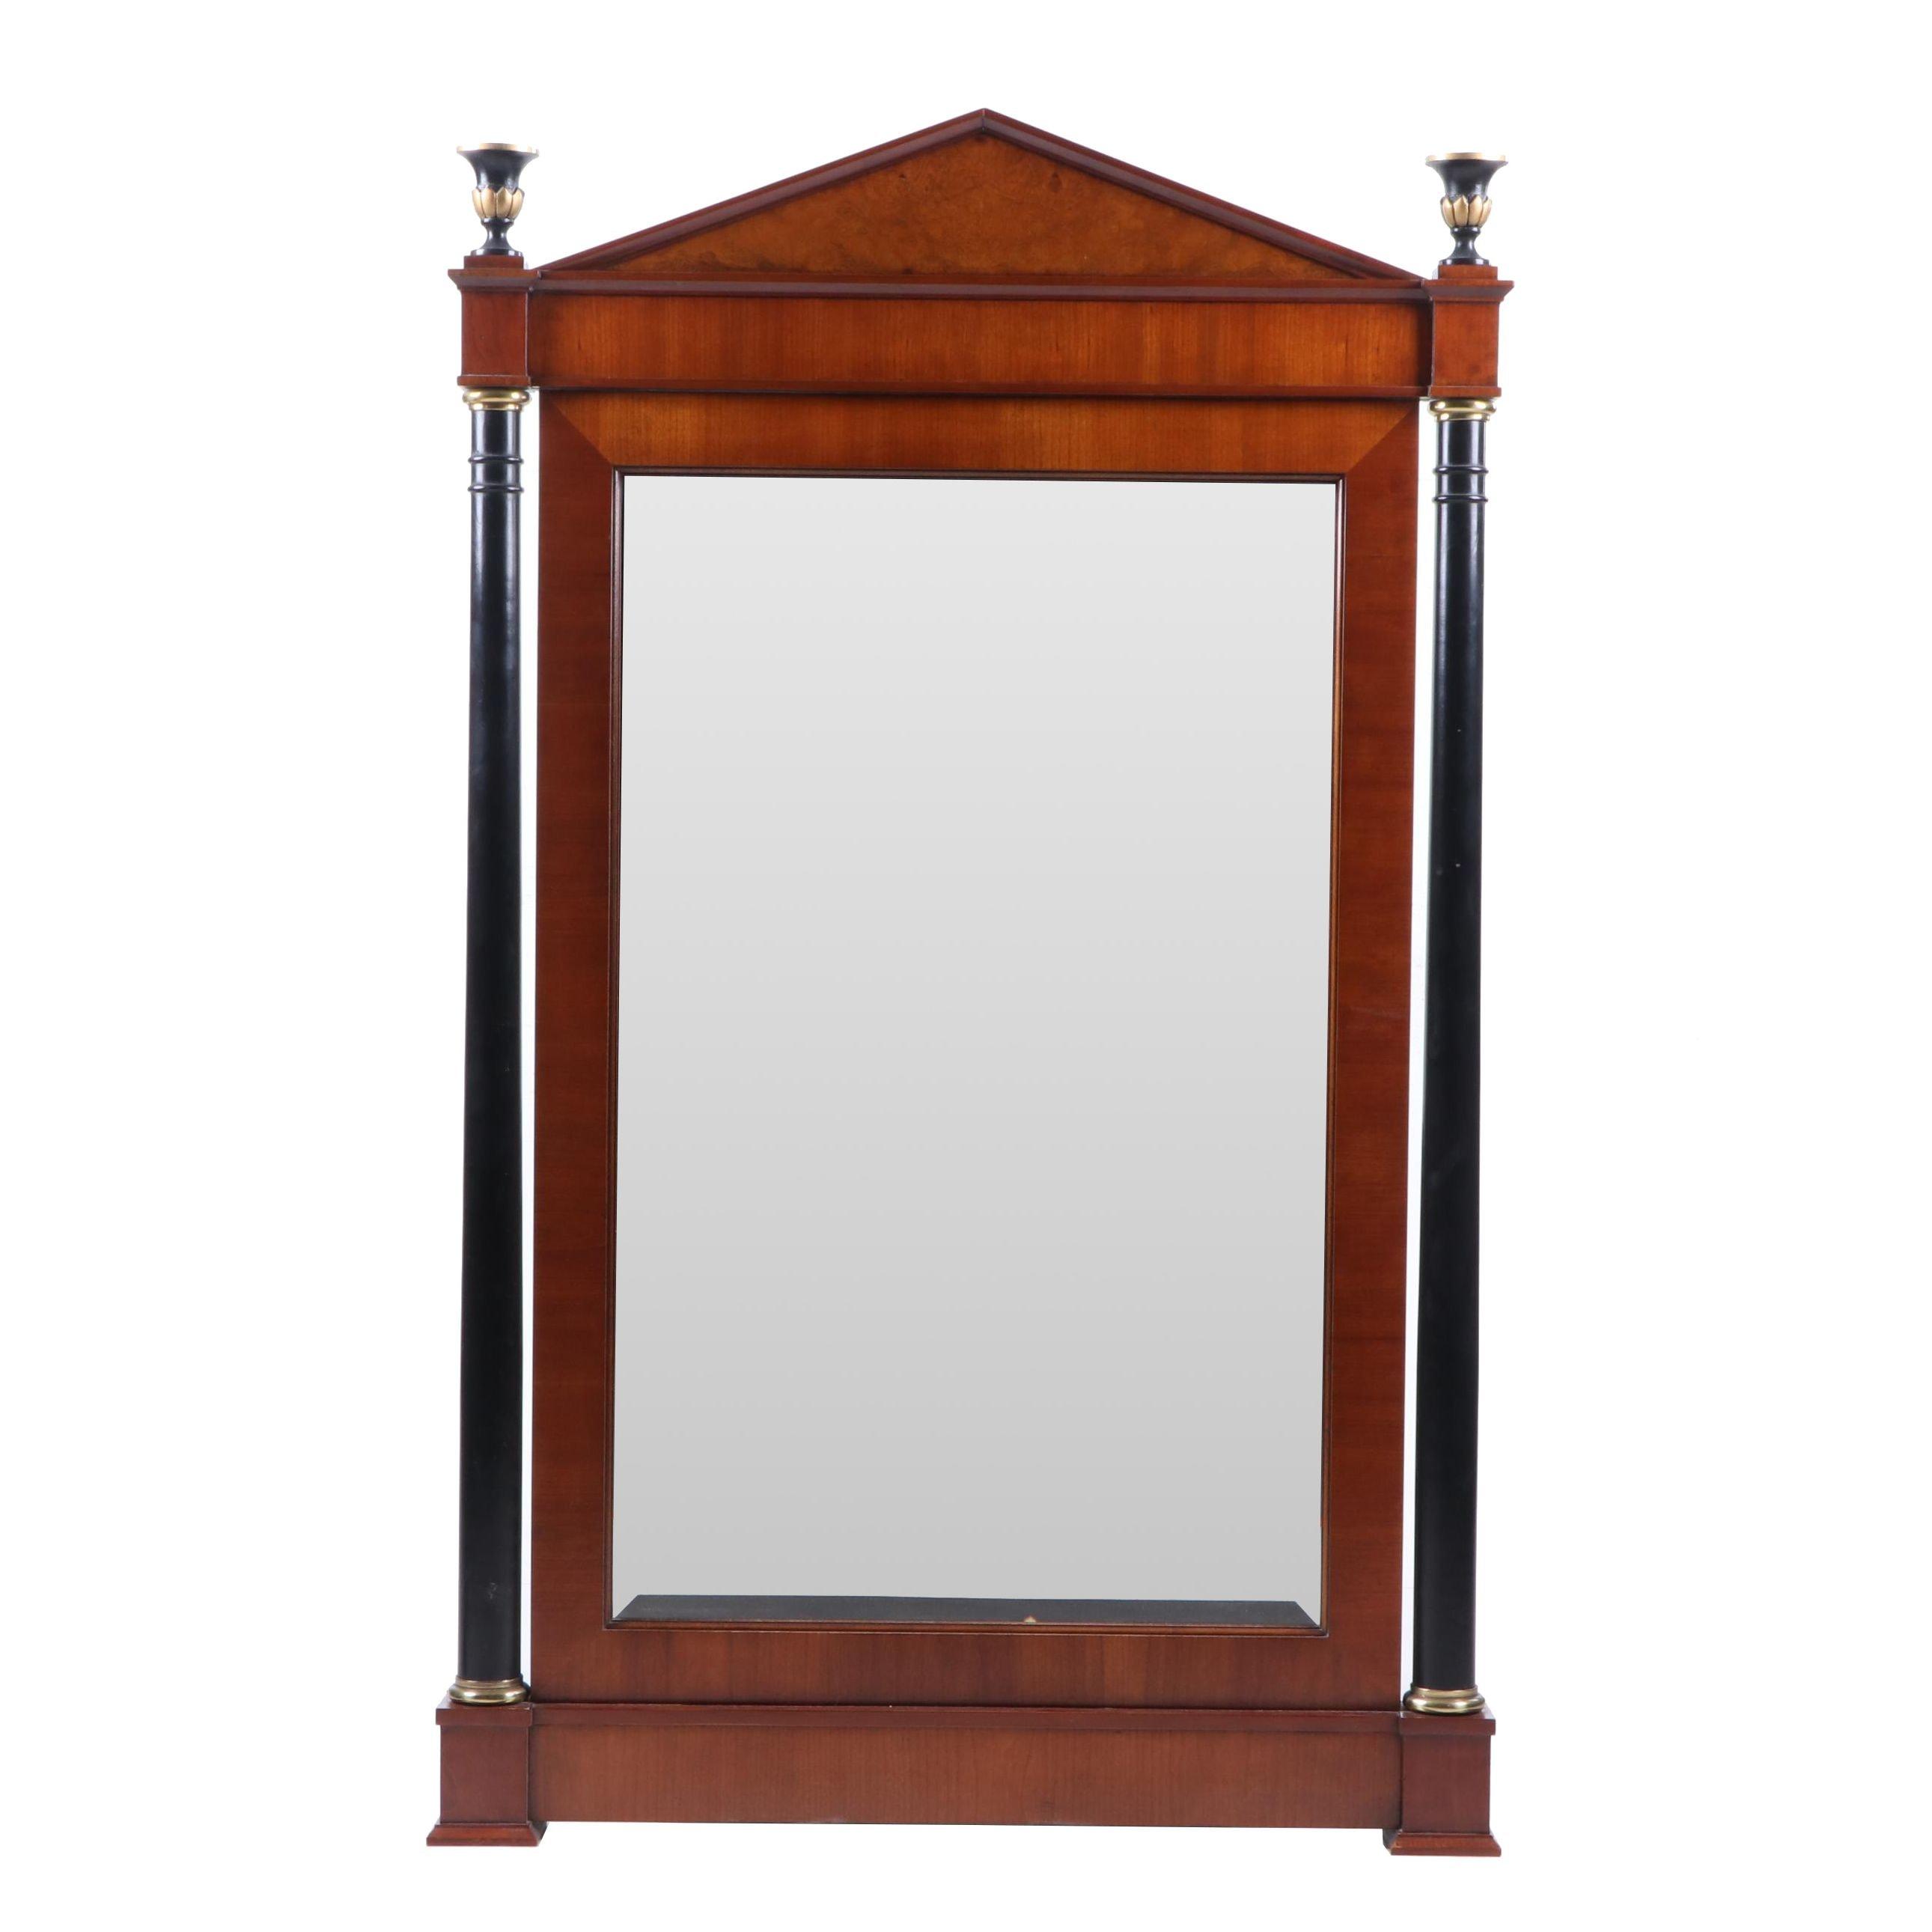 Biedermeier Style Fruitwood Wall Mirror by Baker